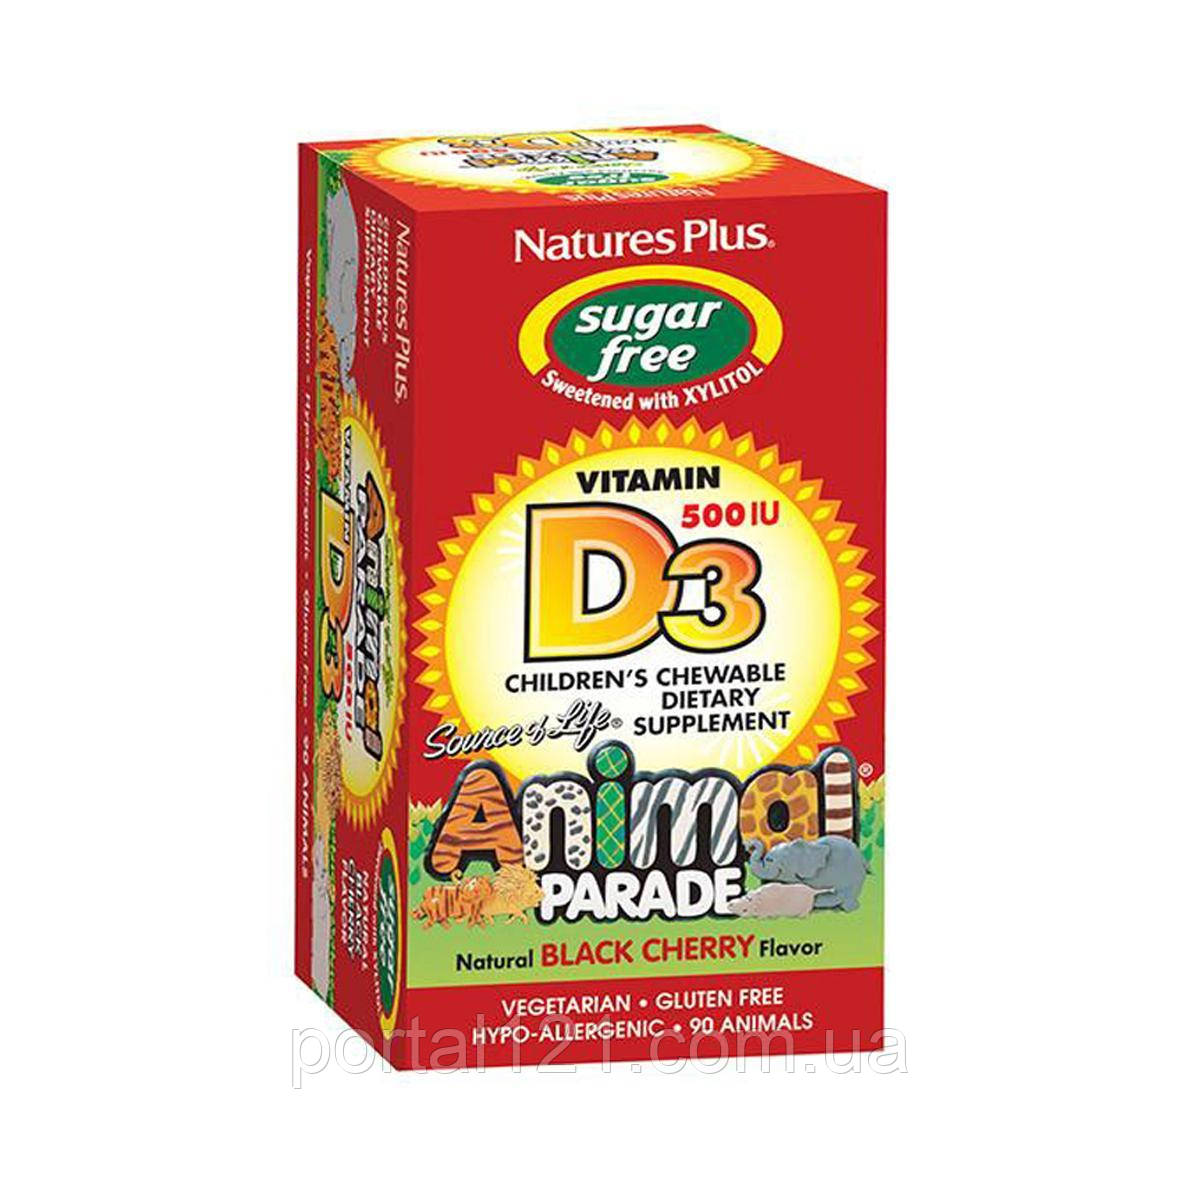 Витамин D3 для Детей без Сахара, Animal Parade, Natures Plus, 90 жевательных таблеток